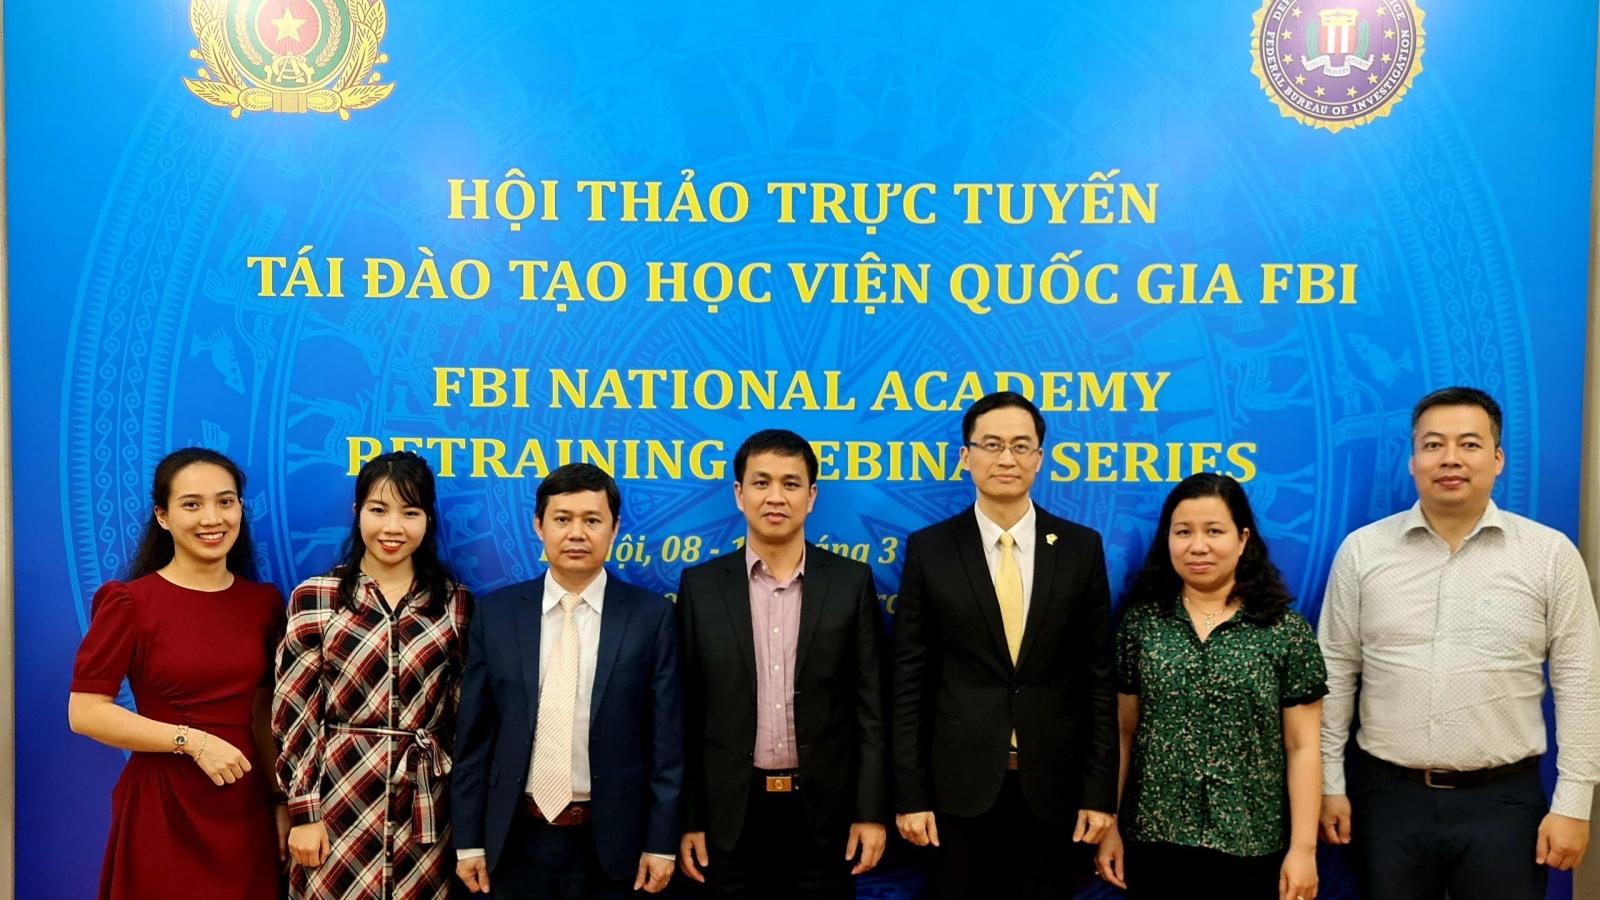 Việt Nam- Hoa Kỳ tổ chức hội thảo trực tuyến về tội phạm xuyên quốc gia